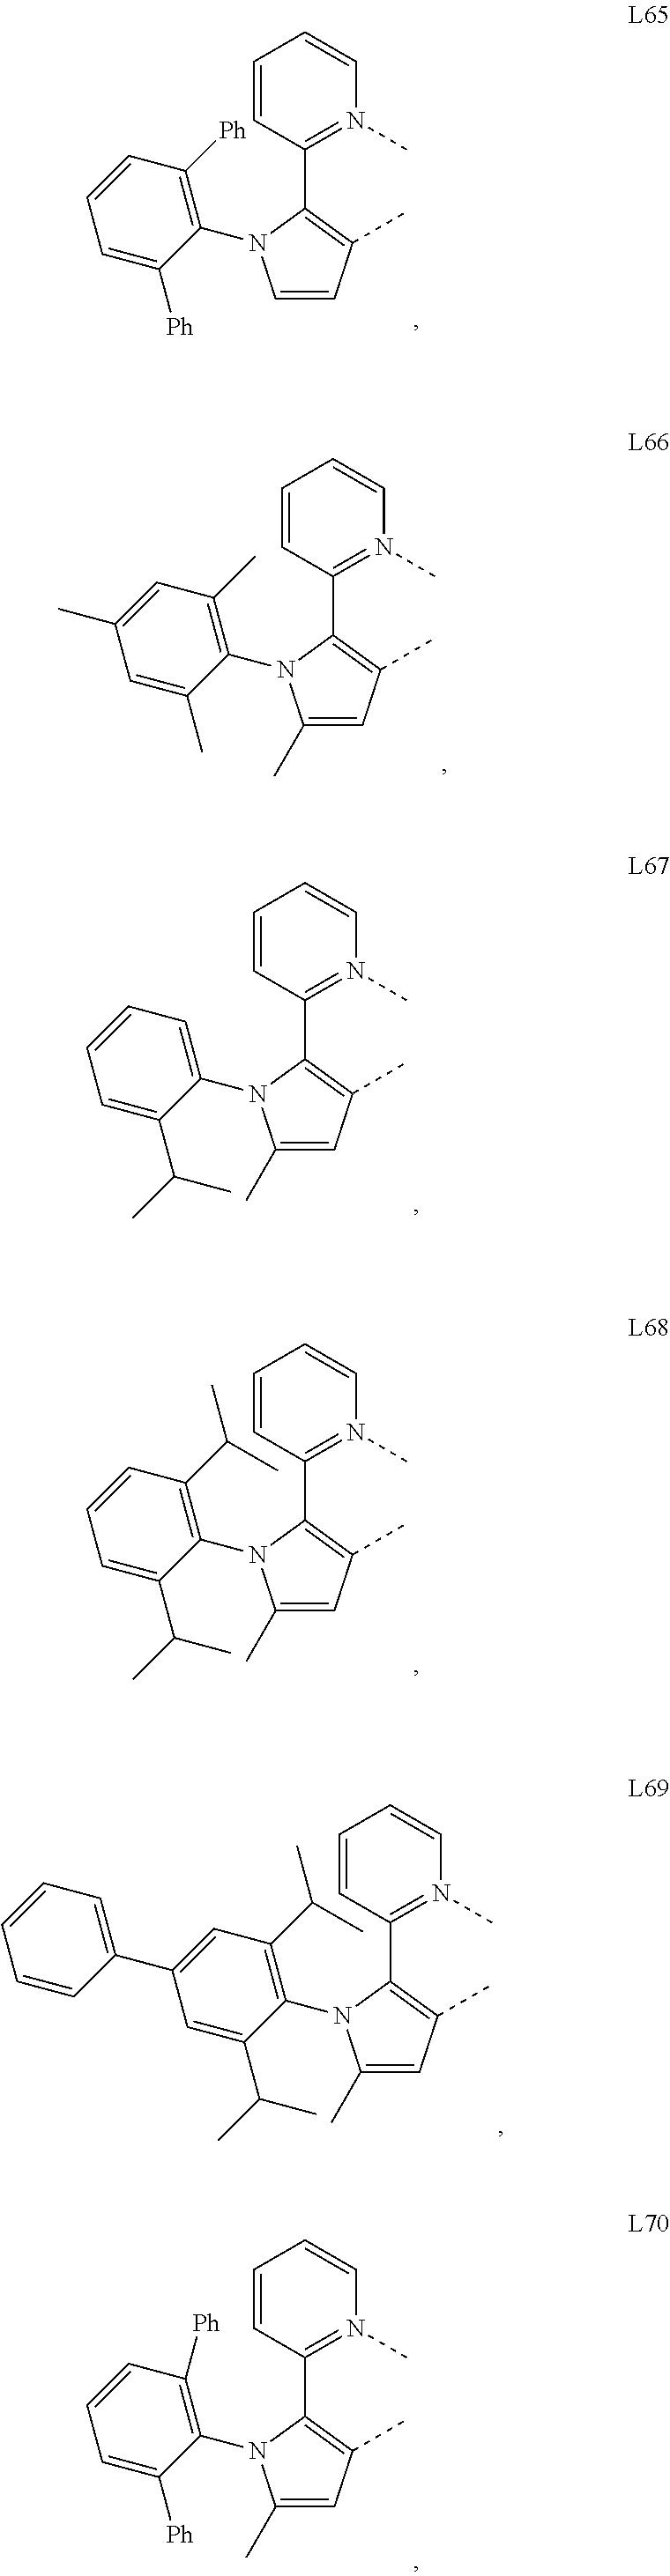 Figure US09935277-20180403-C00018